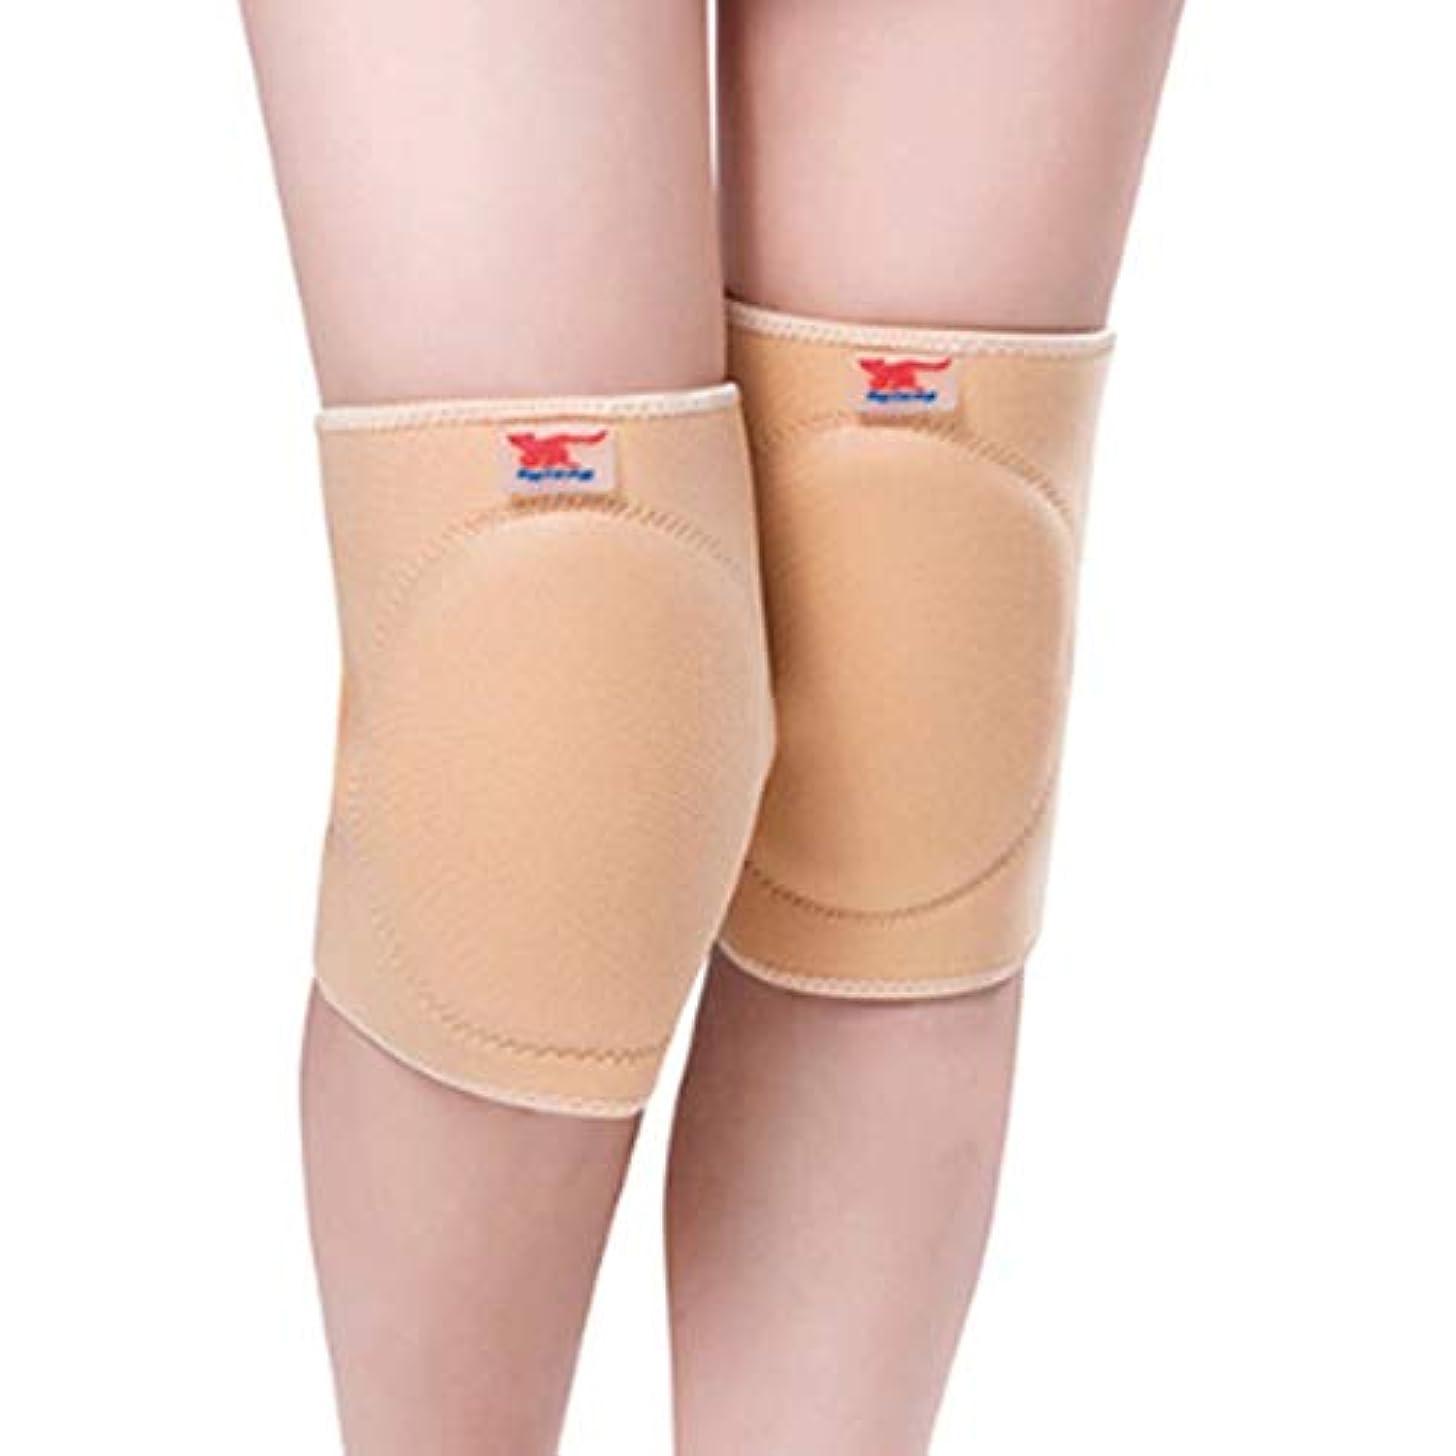 乗算モディッシュベッドを作る反膝パッドウール防止関節炎保温暖かい膝サポート通気性肥厚膝パッド安全膝ブレース